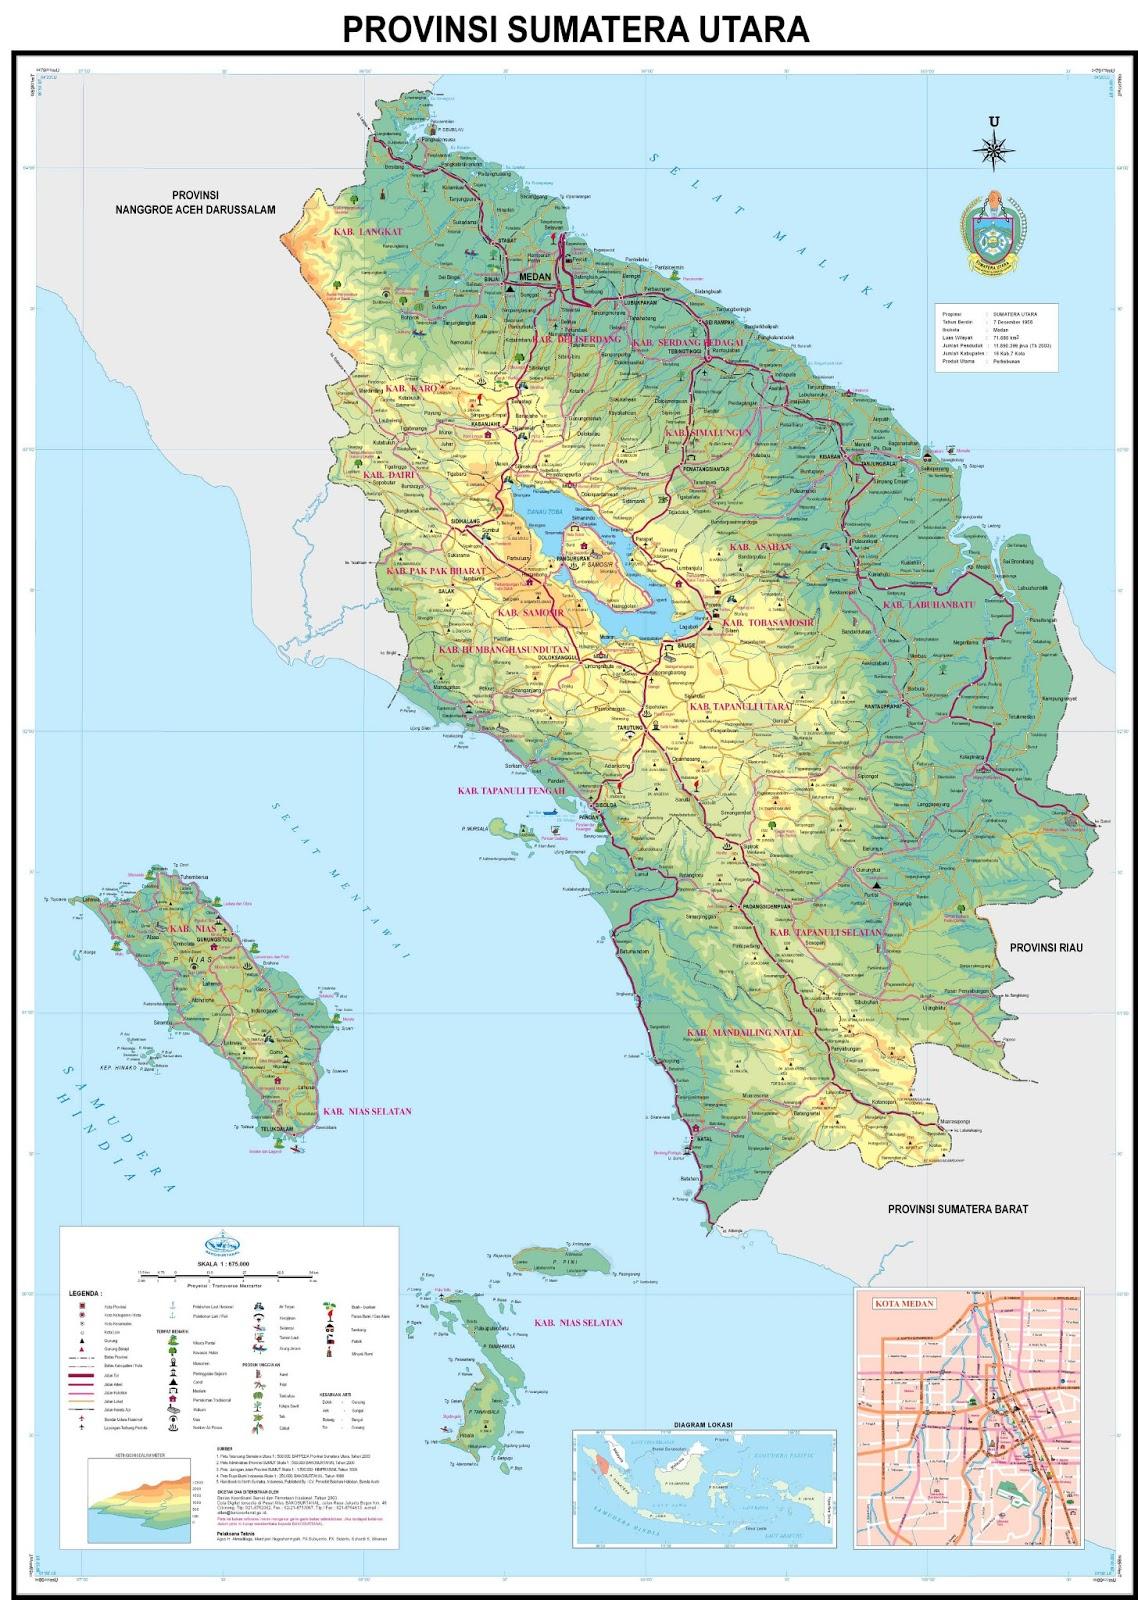 Jumlah Penduduk Berdasarkan Agama di Sumatera Utara